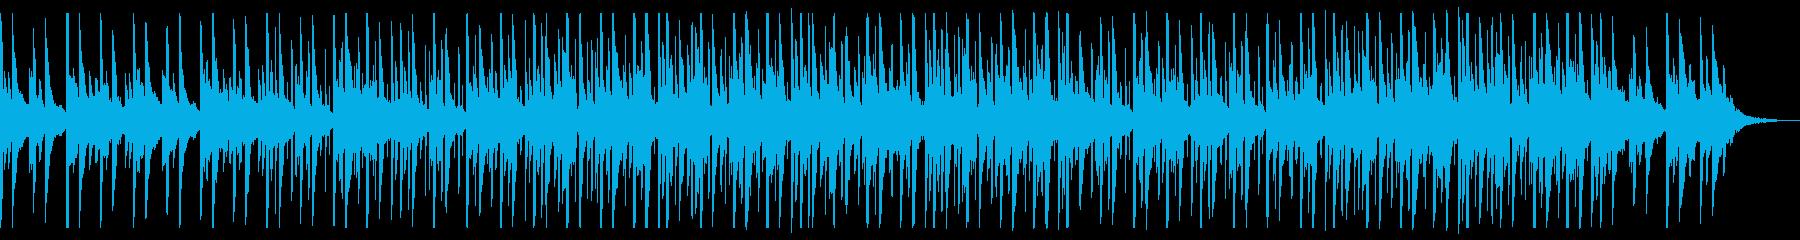 モダンでシンプルな日常の再生済みの波形